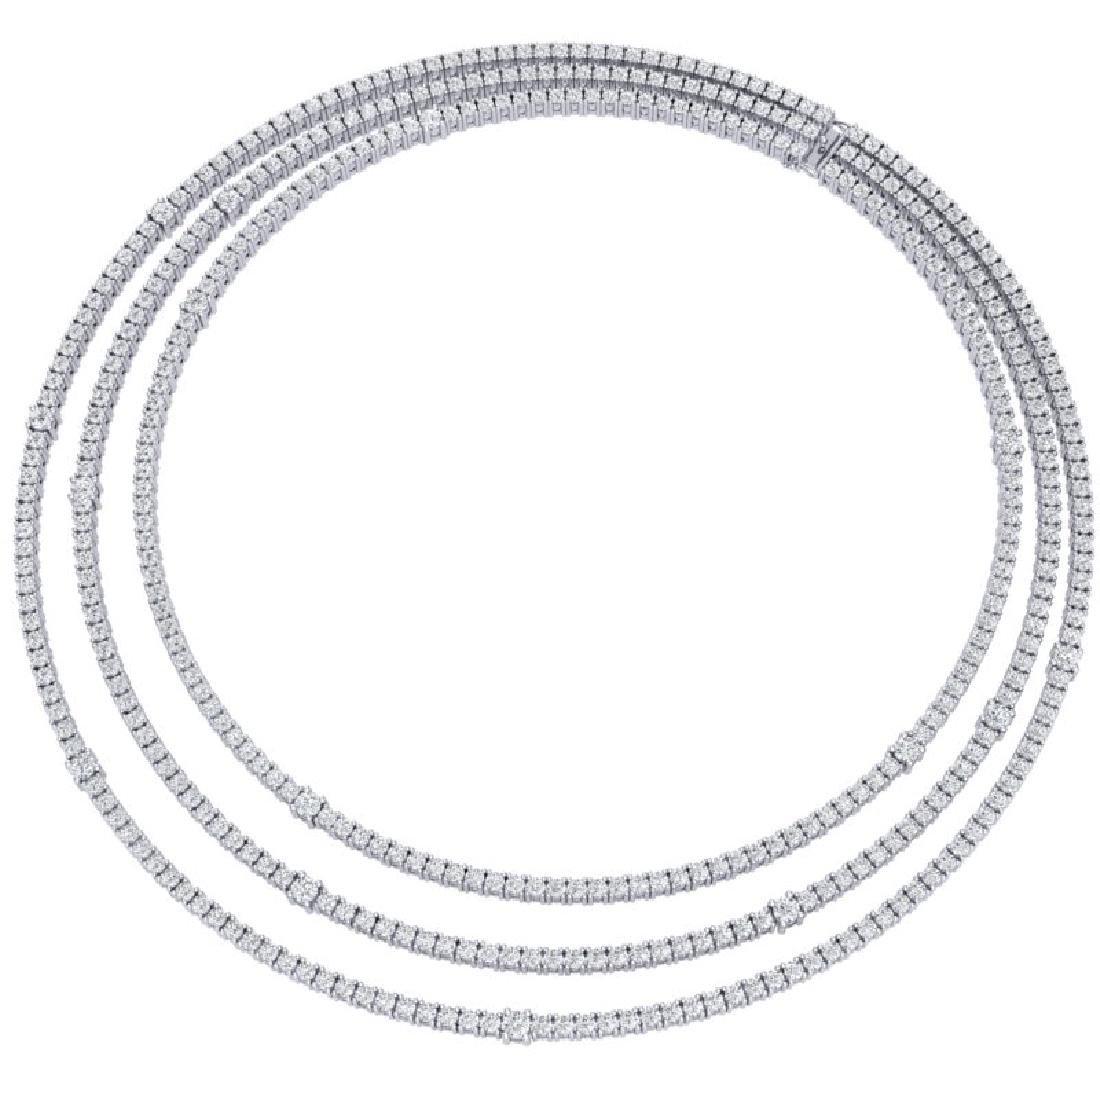 30 CTW Certified VS/SI Diamond Love Necklace 18K White - 3